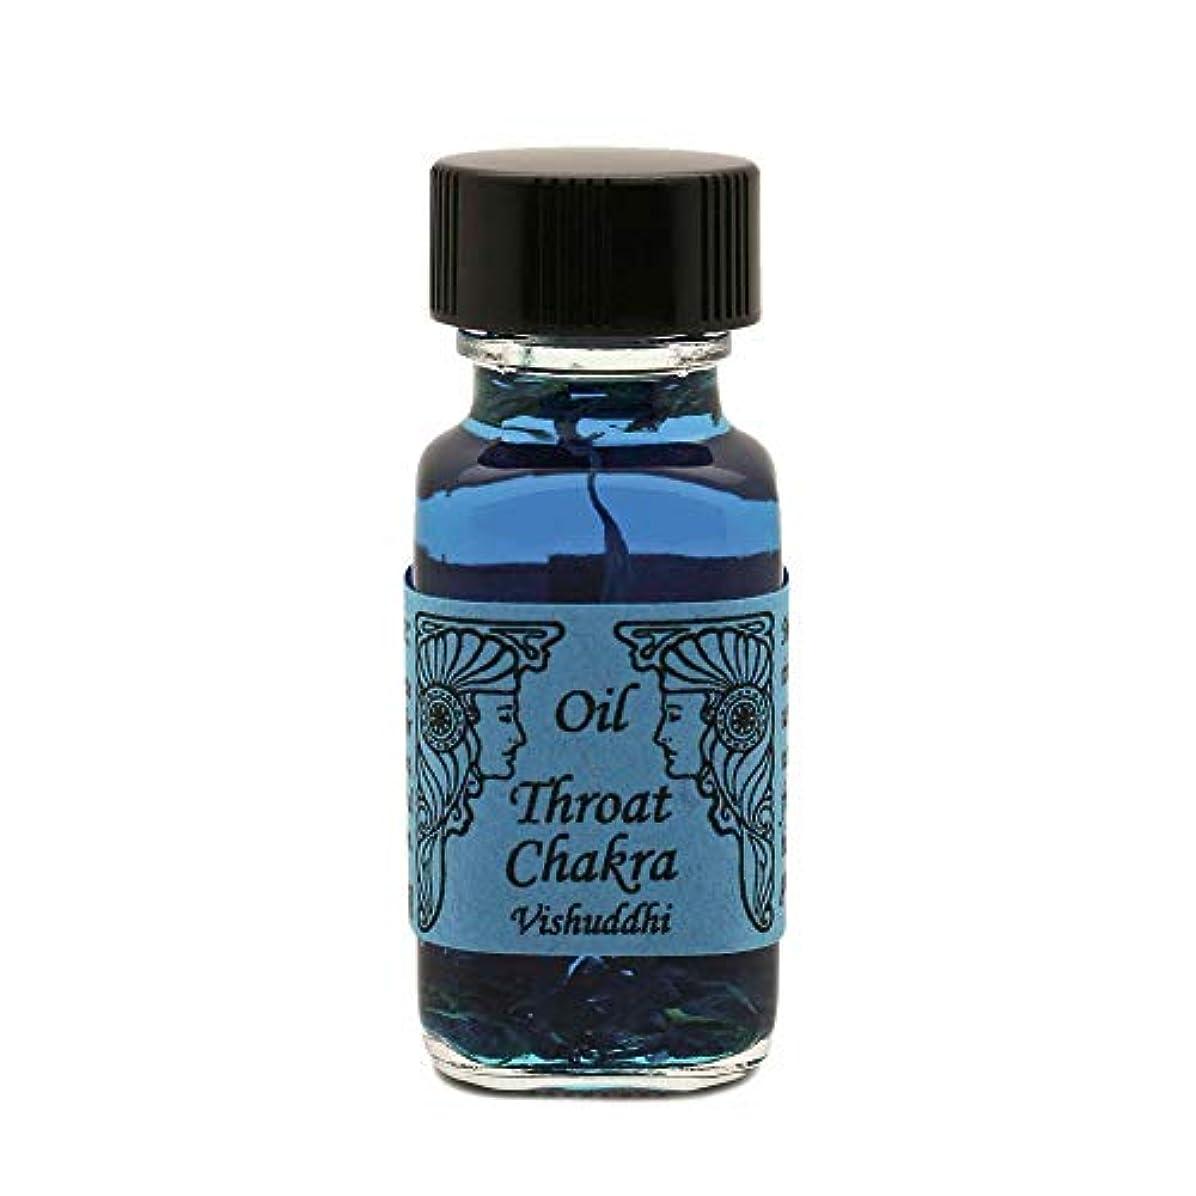 ヶ月目海峡悪因子SEDONA Ancient Memory Oils セドナ アンシェントメモリーオイル Throat Chakra スロート チャクラ 15ml